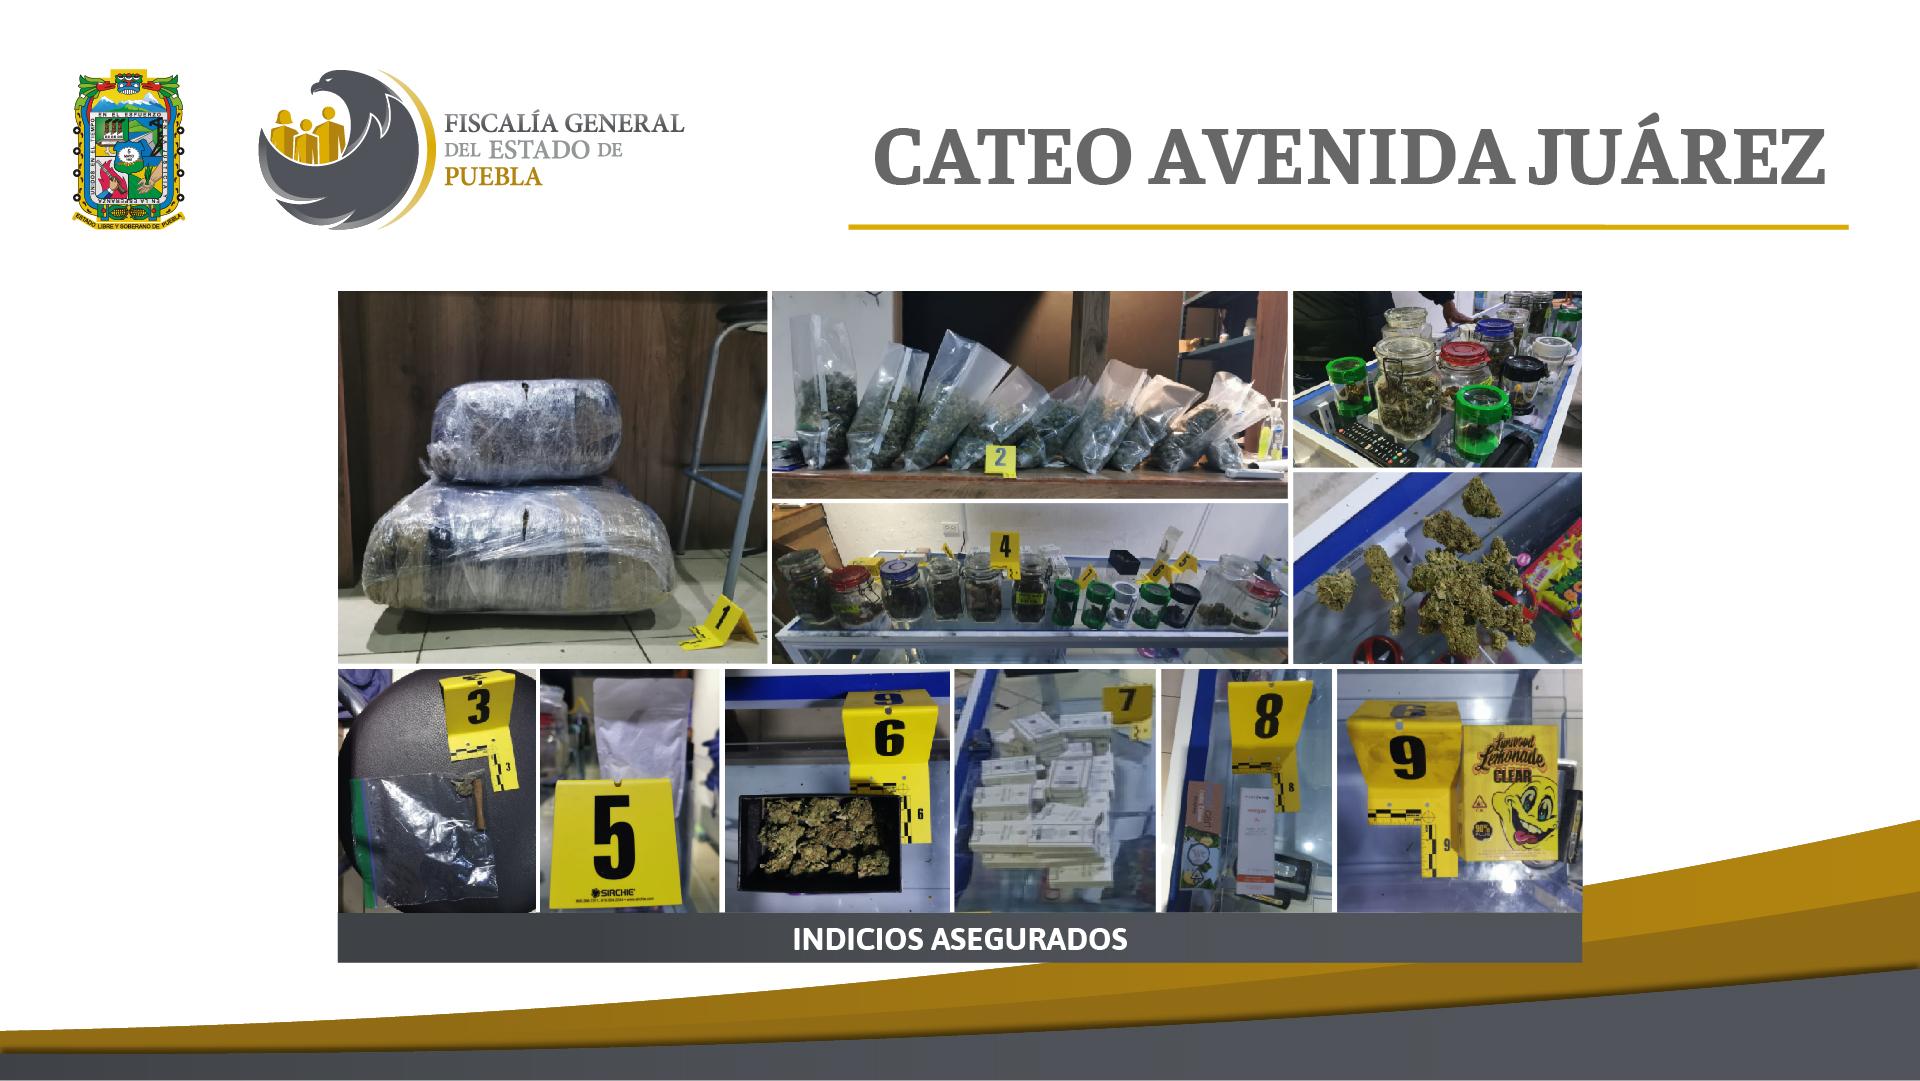 Fiscalía cateó domicilio en Puebla con más de mil autopartes